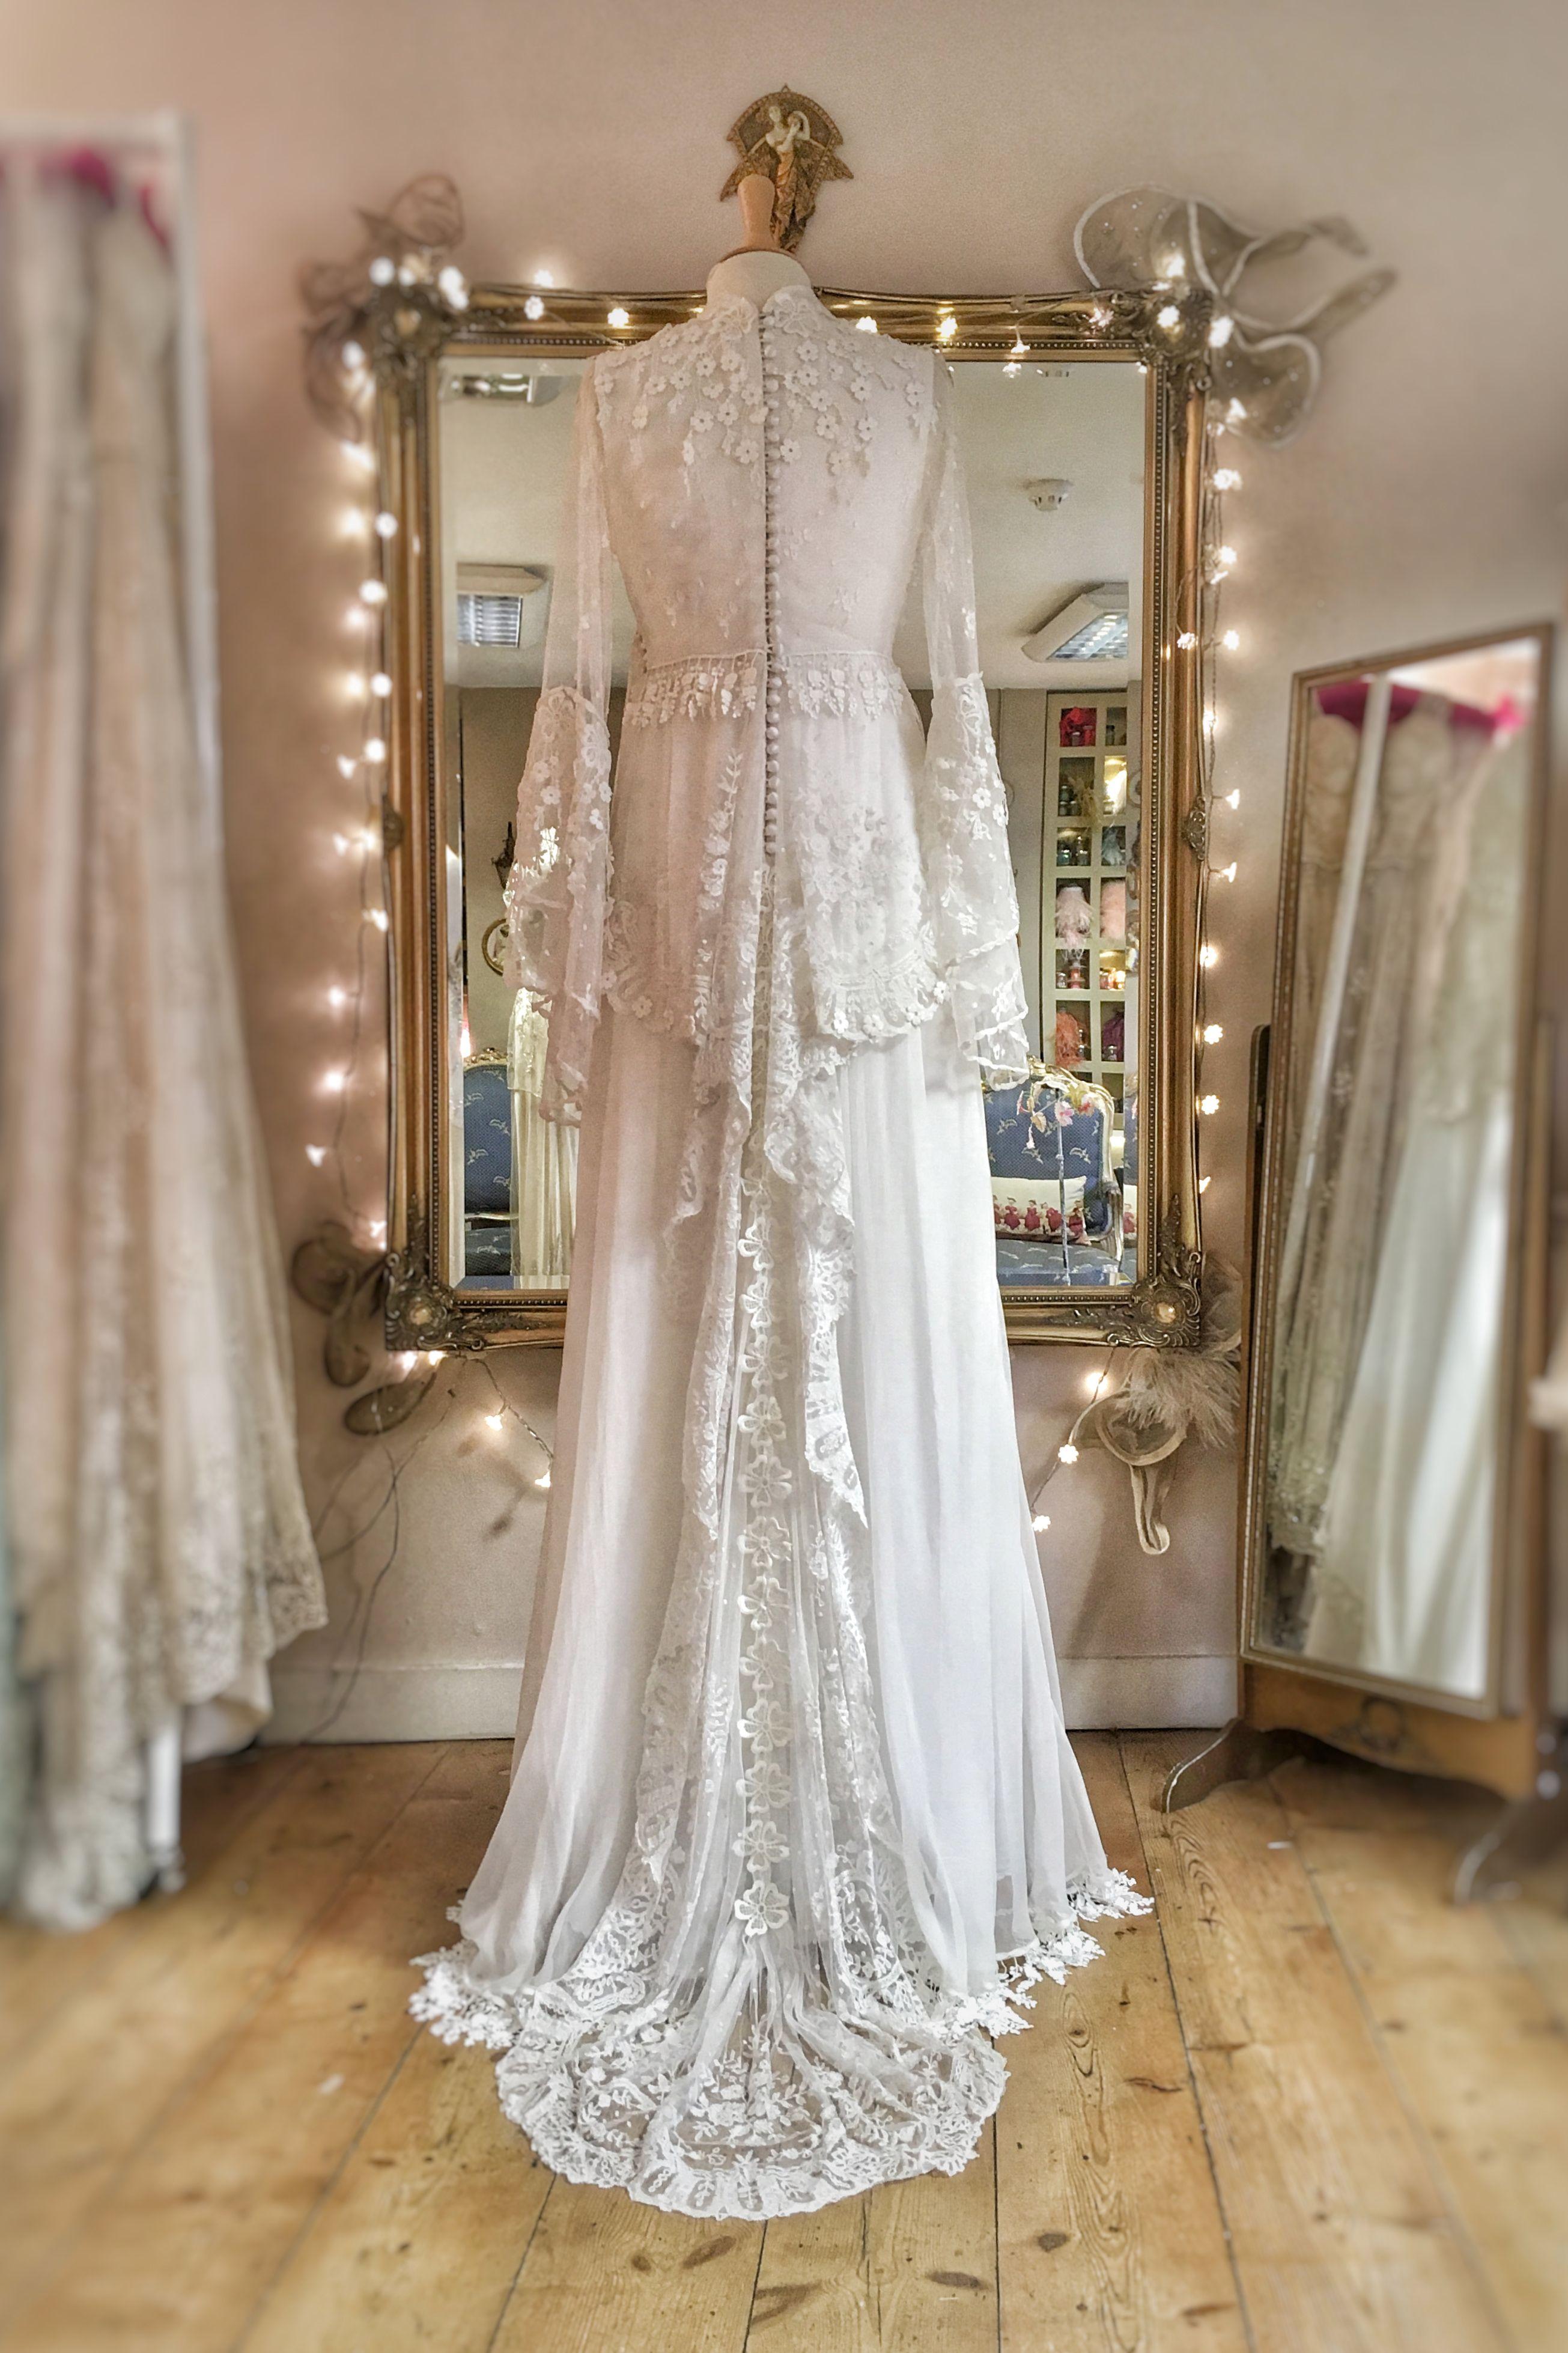 Antique Lace Bohemian Wedding Dress for a Festival Bride